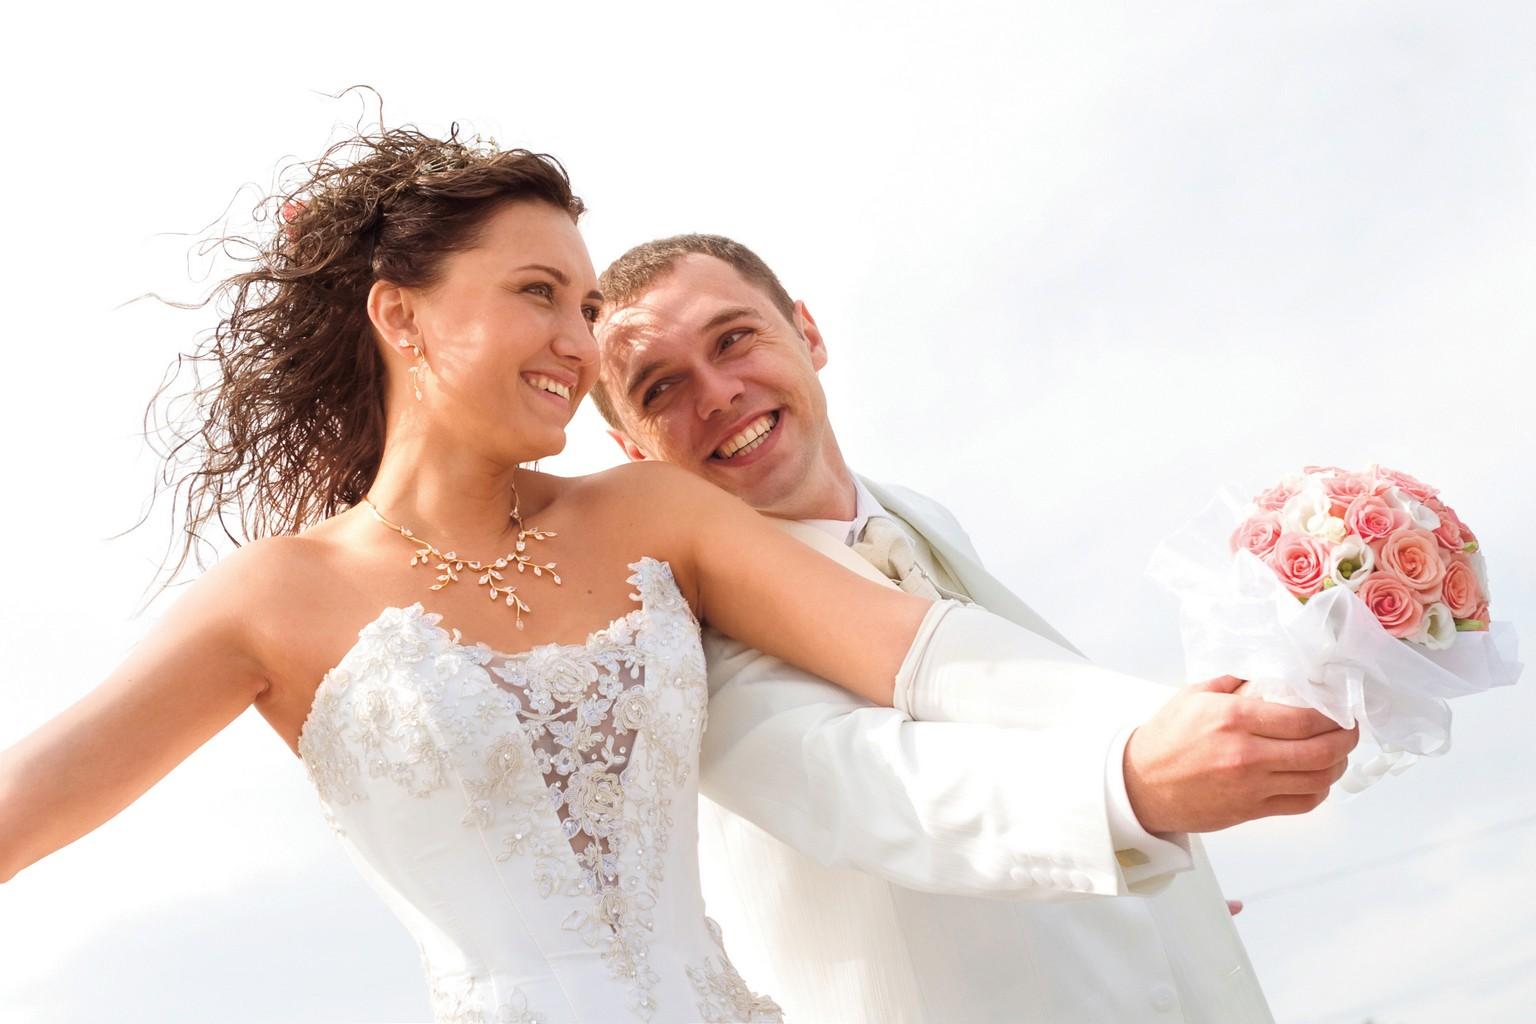 Connu 10 astuces pour réussir son mariage | Pratique.fr JU78